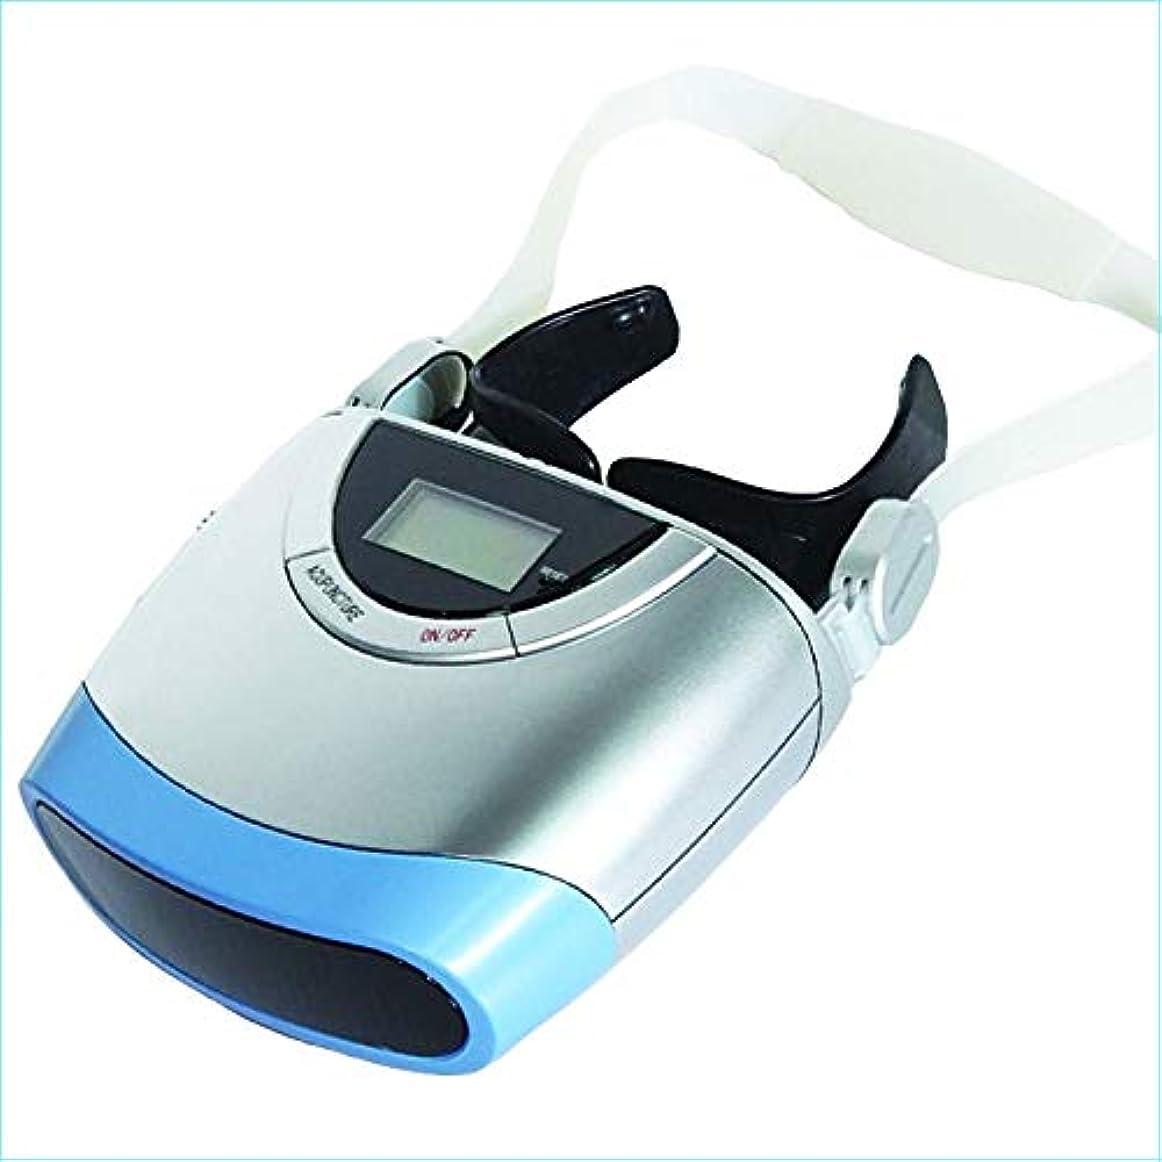 洗剤説明する虹Meet now 近視用器具治療用3D視力回復装置、鍼レーザーアイマッサージャーII 品質保証